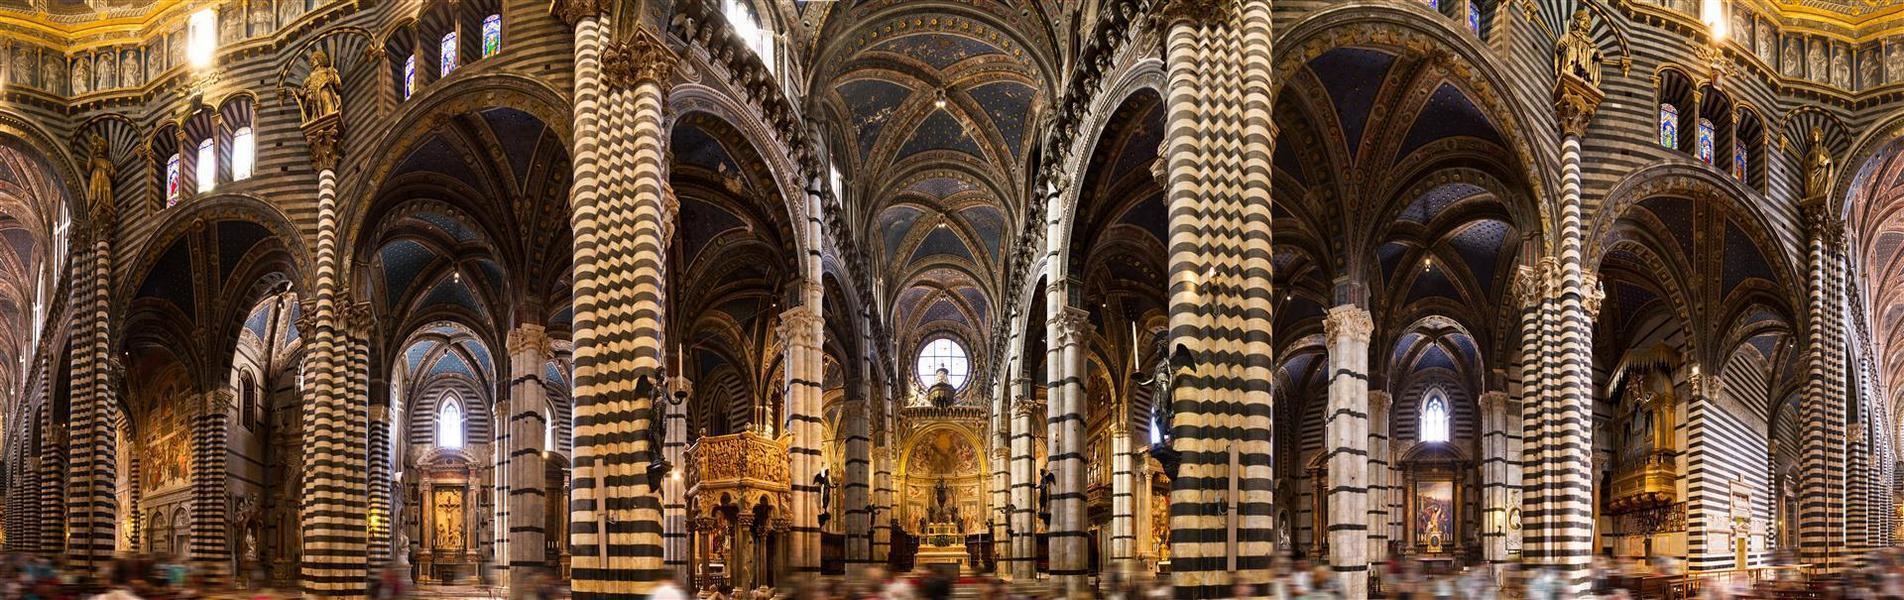 Duomo di Siena - 360 panorama van de binnenkant van de Duomo di Siena. Ik heb hier een motion blur gebruikt om de 100000 mensen weg te krijgen aan de onderkant, vond  - foto door dennisvdwater op 05-09-2012 - deze foto bevat: panorama, architectuur, reizen, kerk, interieur, sienna, kathedraal, binnen, 360